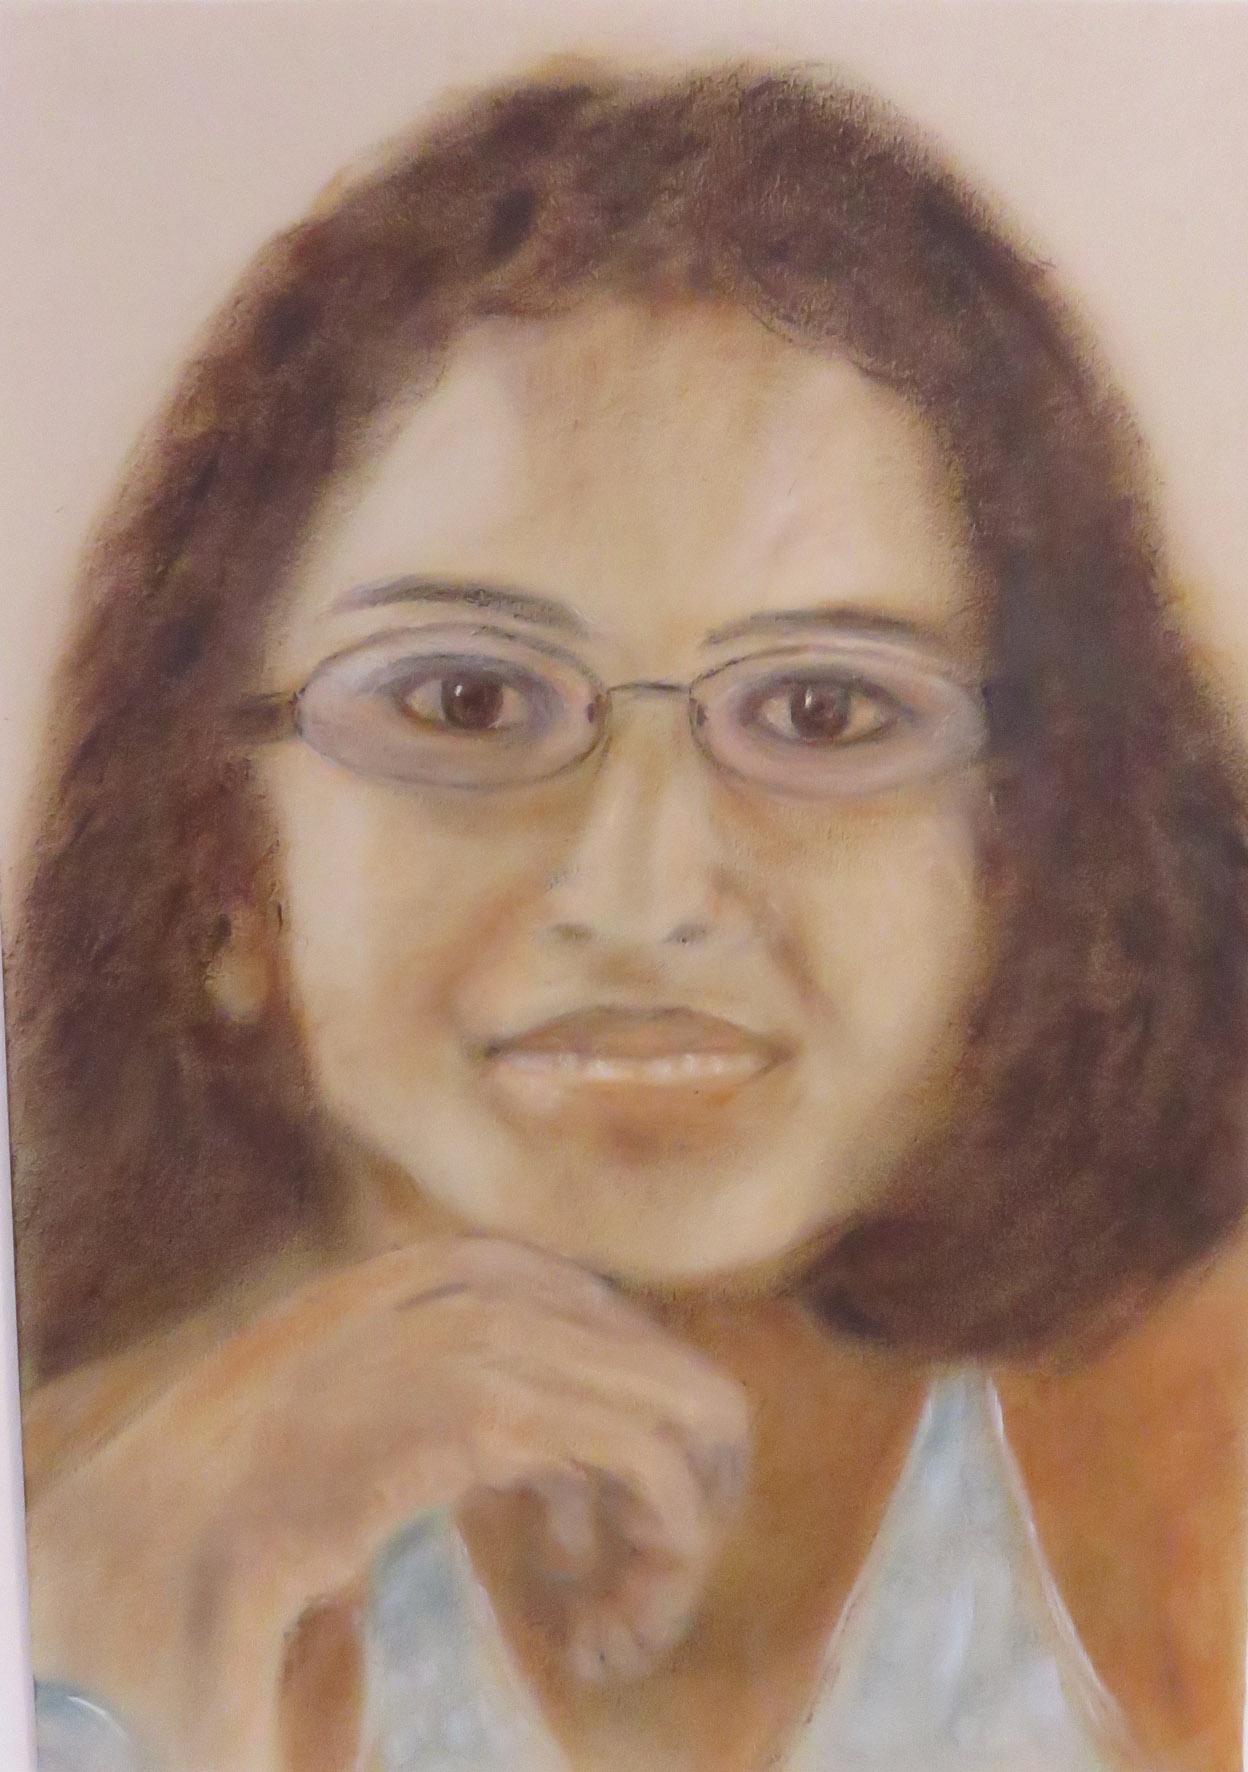 Diksha, 2020.